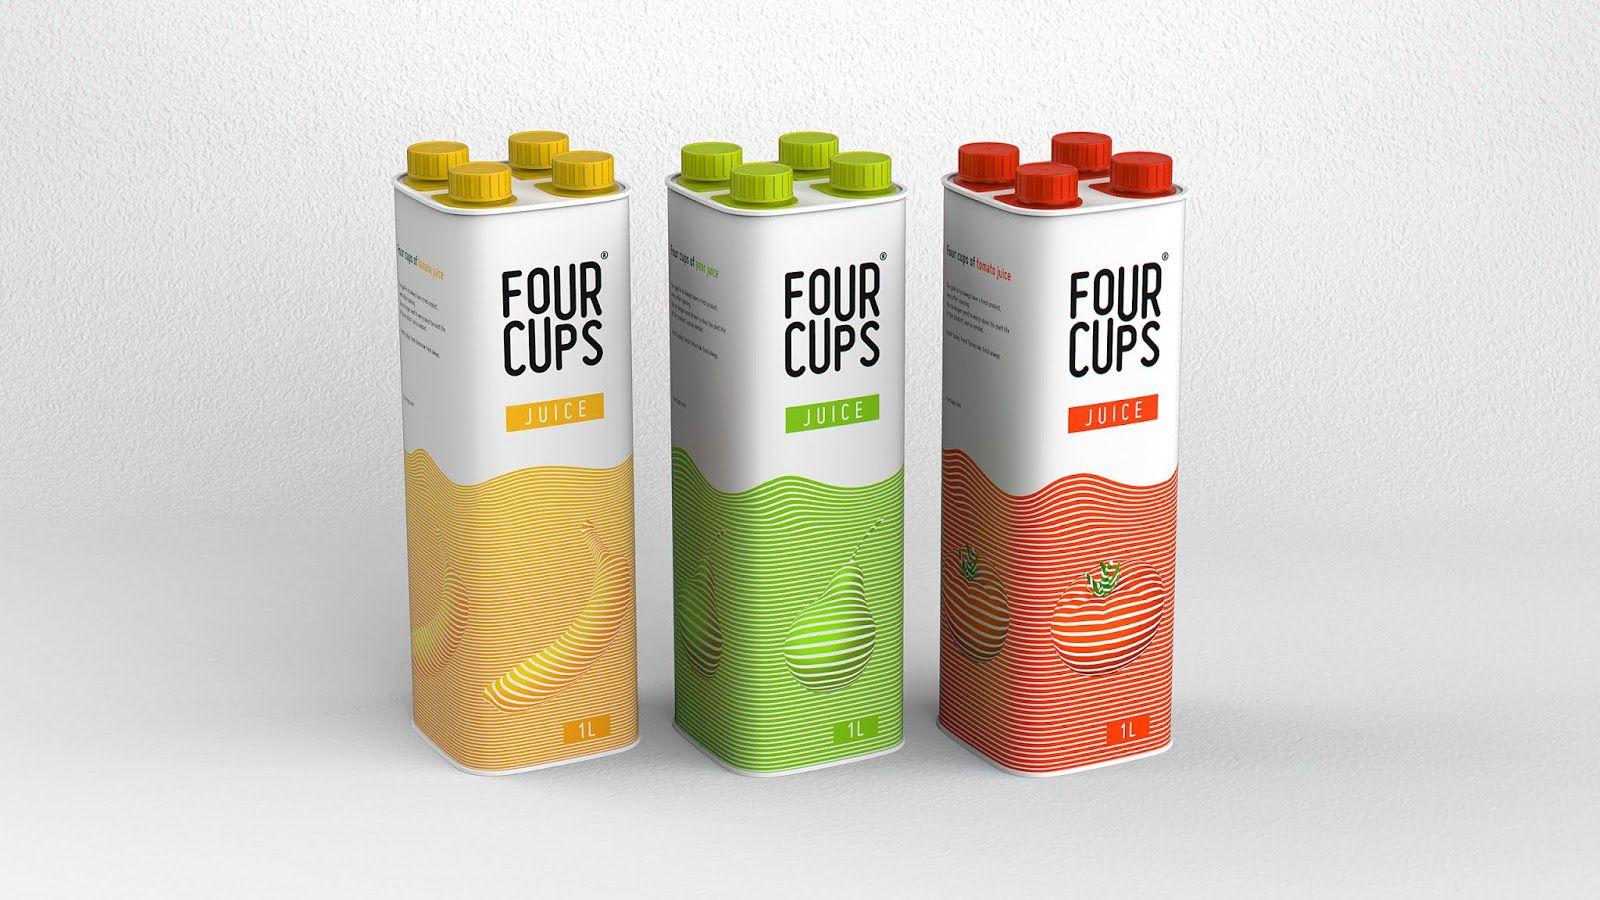 Four Cups (bouteille de lait et jus de fruits permettant une fraîcheur optimale grâce à sa compartimentation) I Design (concept) : Stas Bordukov, Russie (mars 2020)